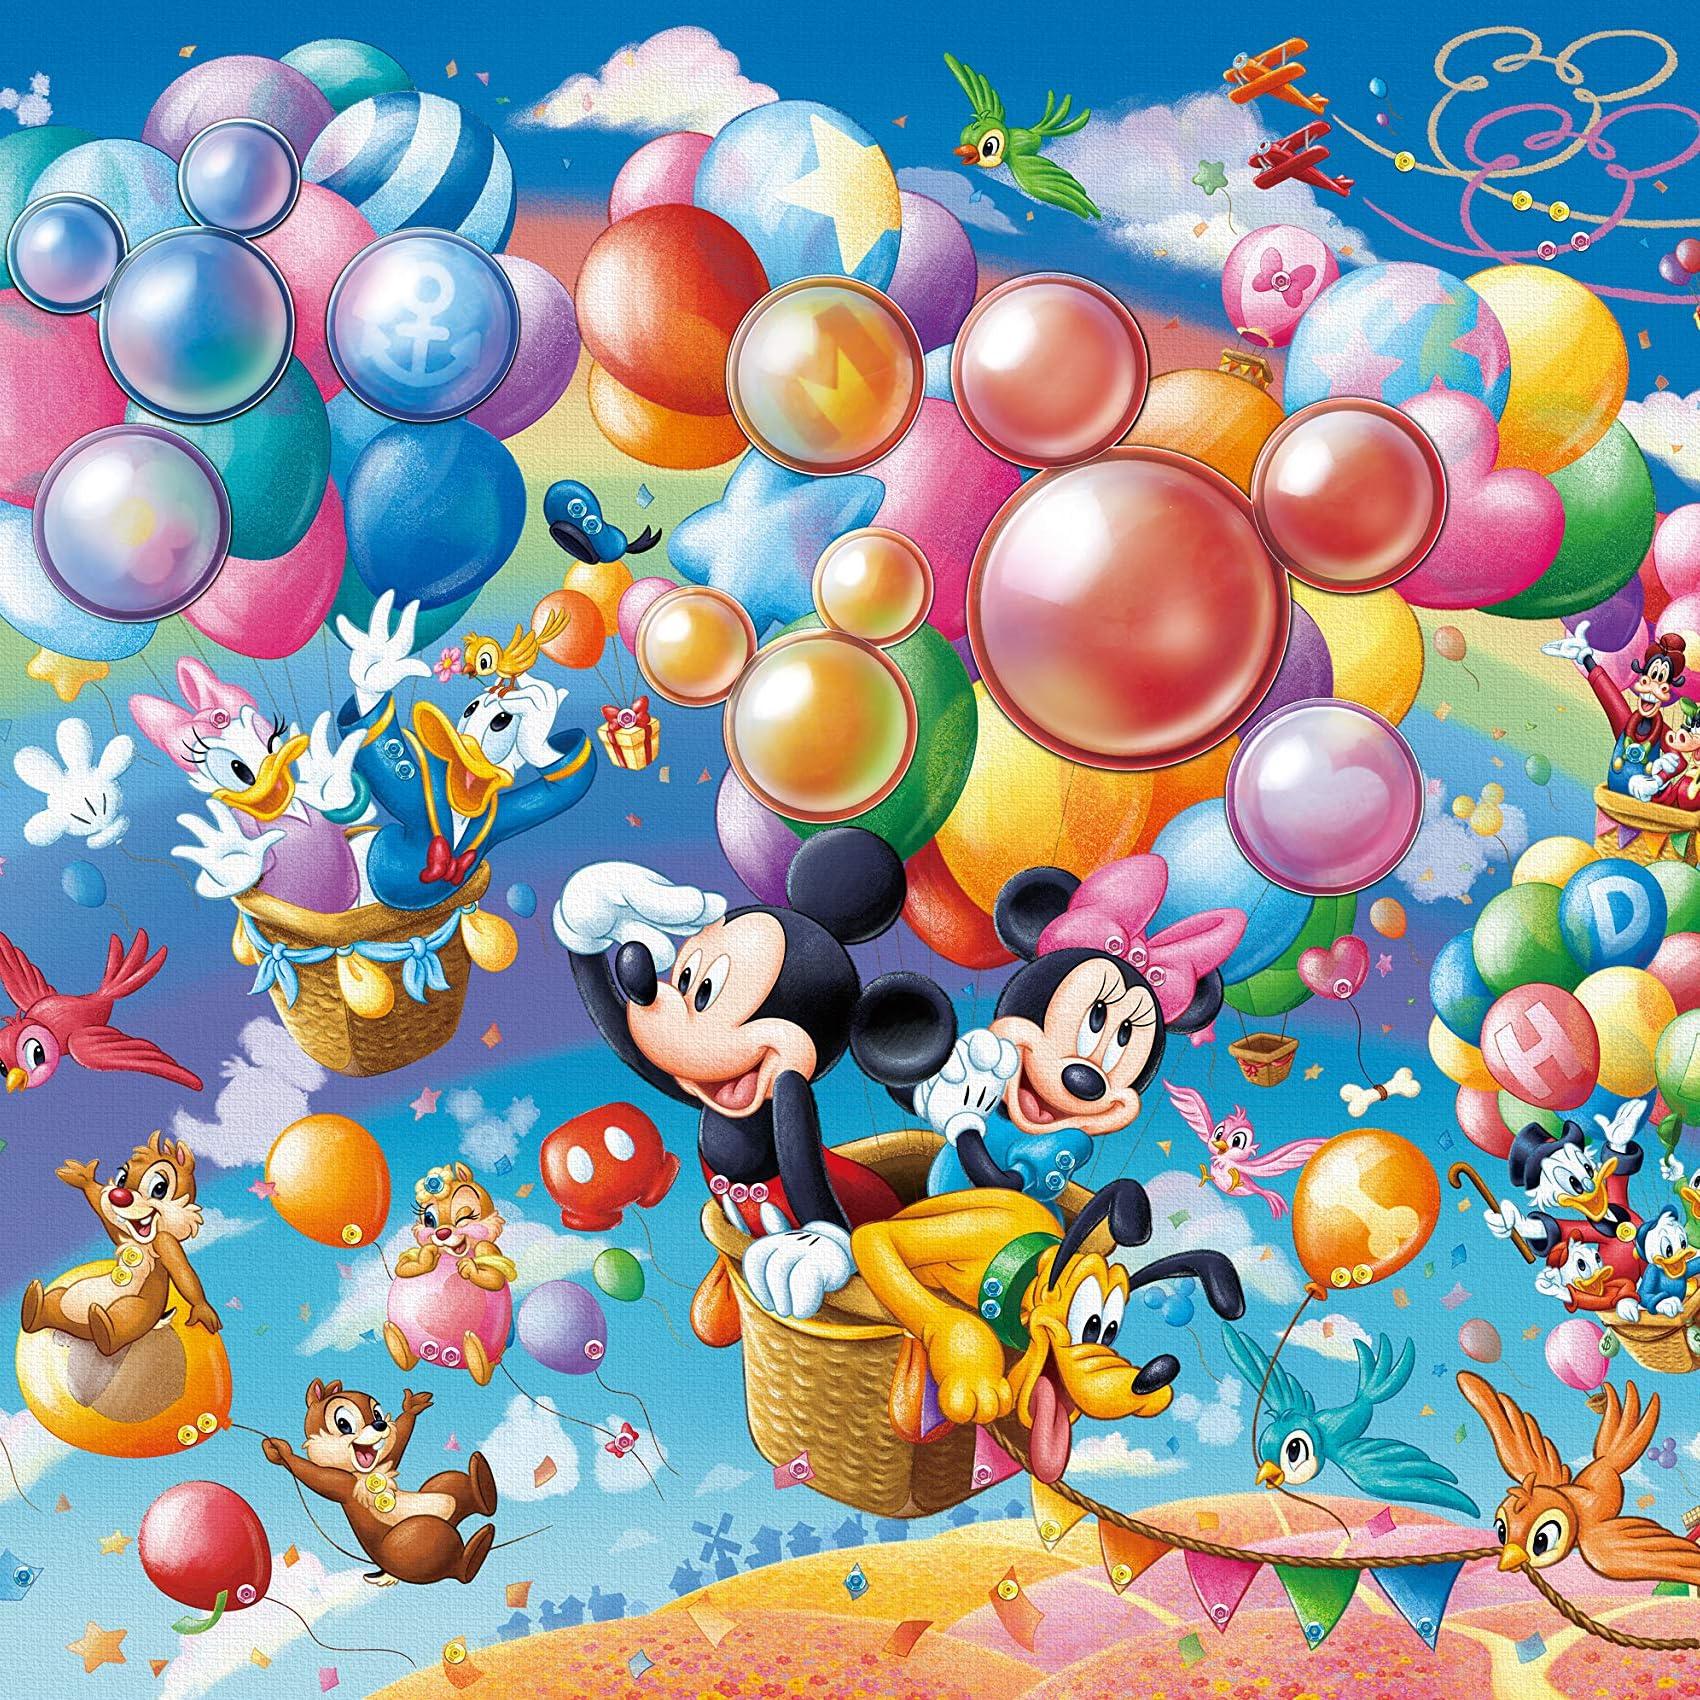 ディズニー Ipad壁紙 Balloon Adventure バルーン アドベンチャー アニメ スマホ用画像